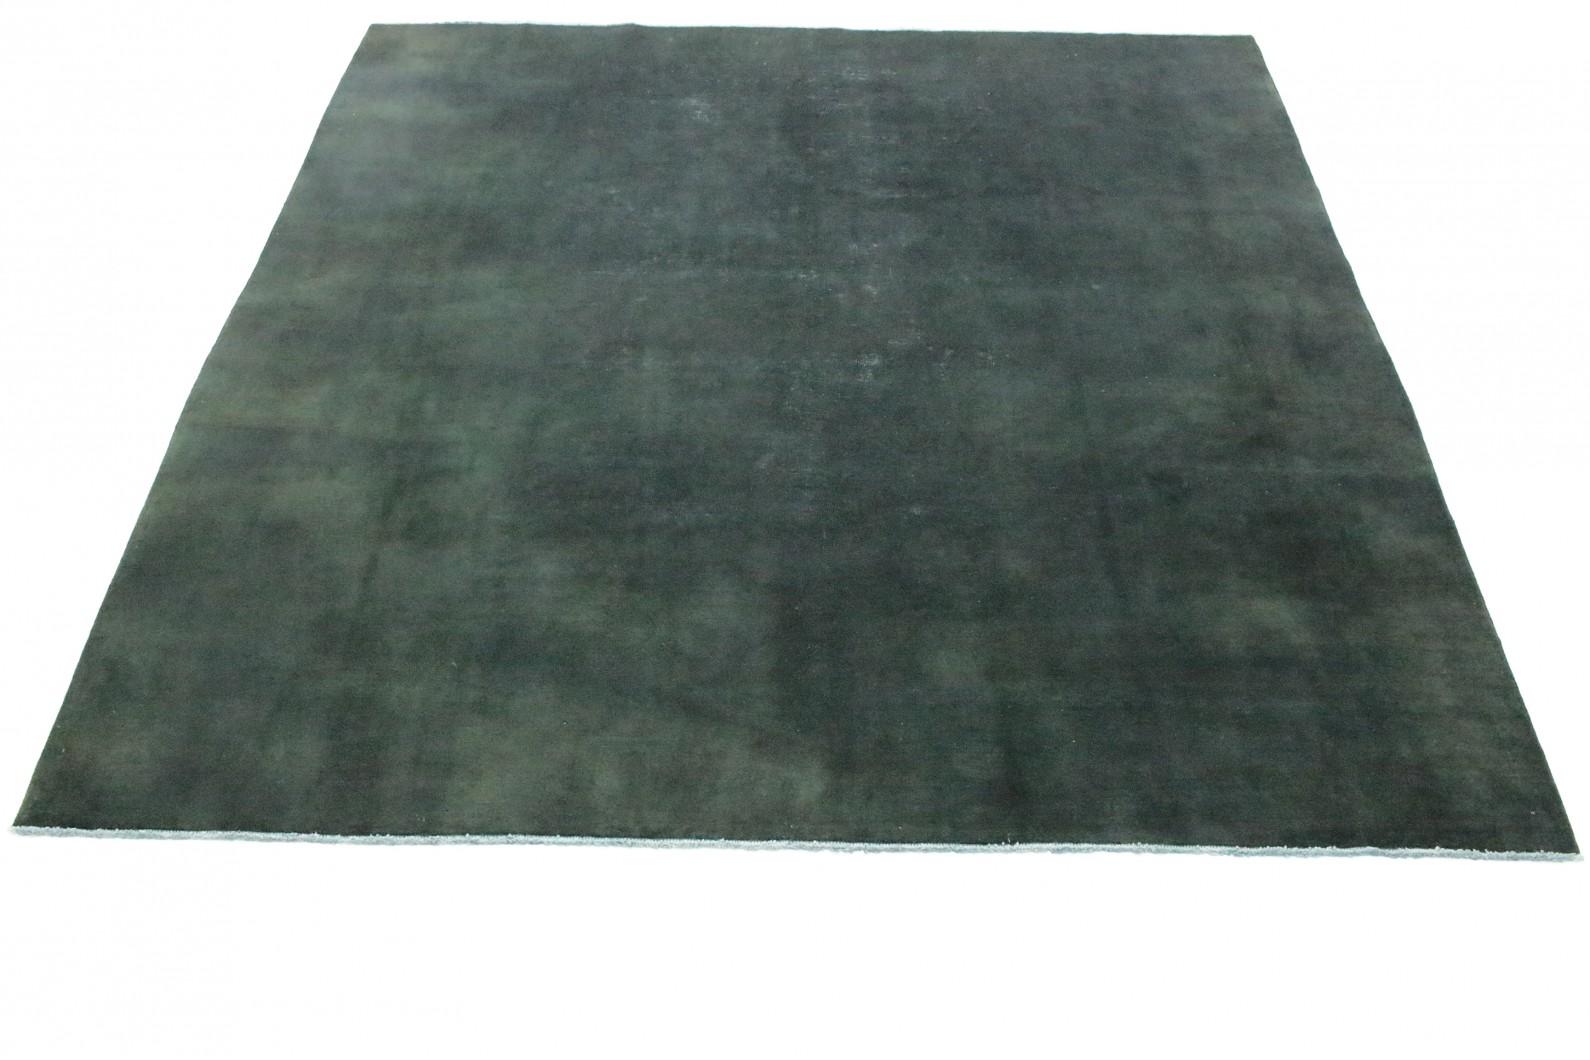 Vintage Teppich Grün Schwarz In 310x300cm